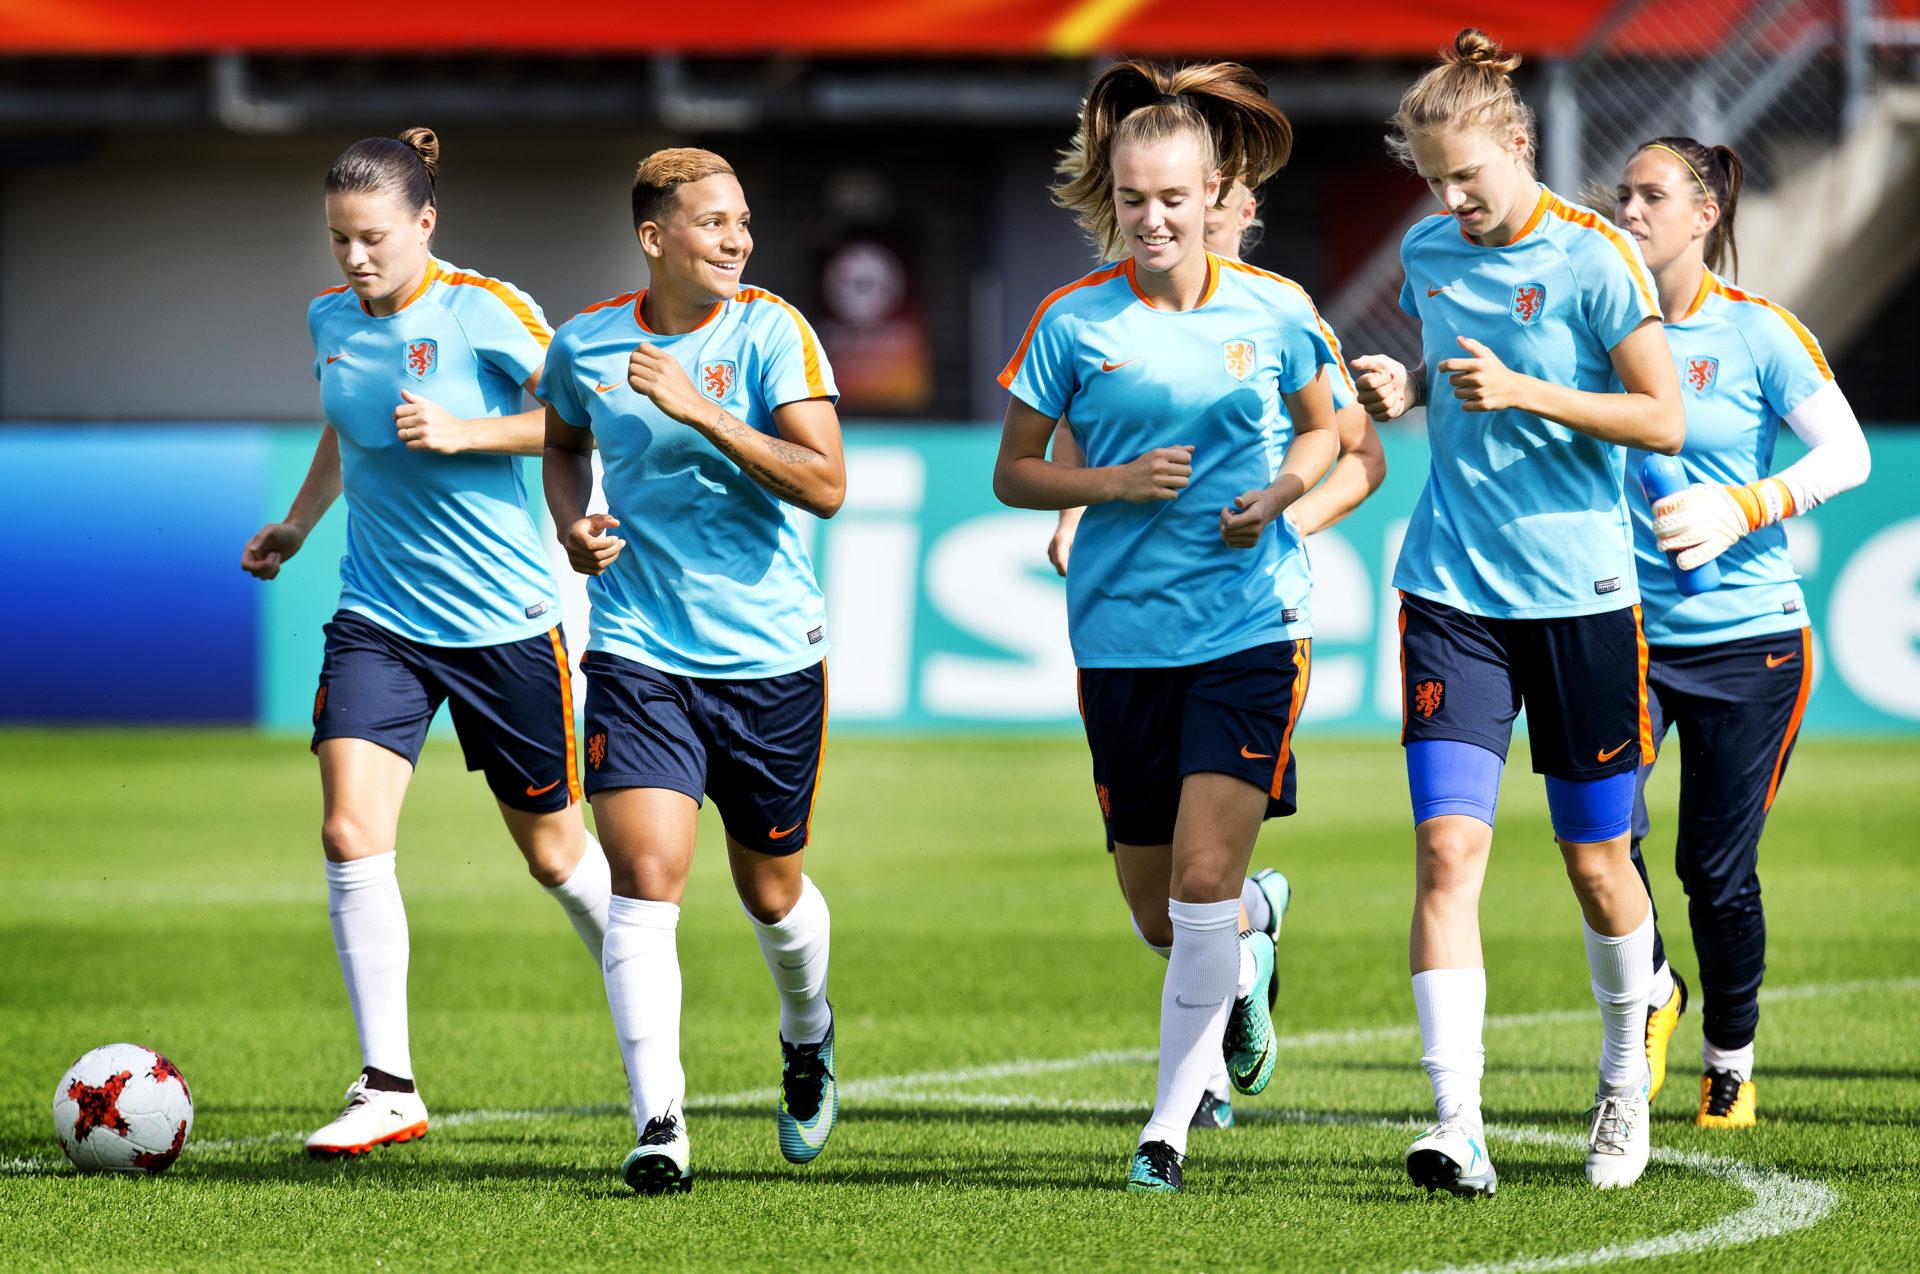 EK Vrouwenvoetbal training